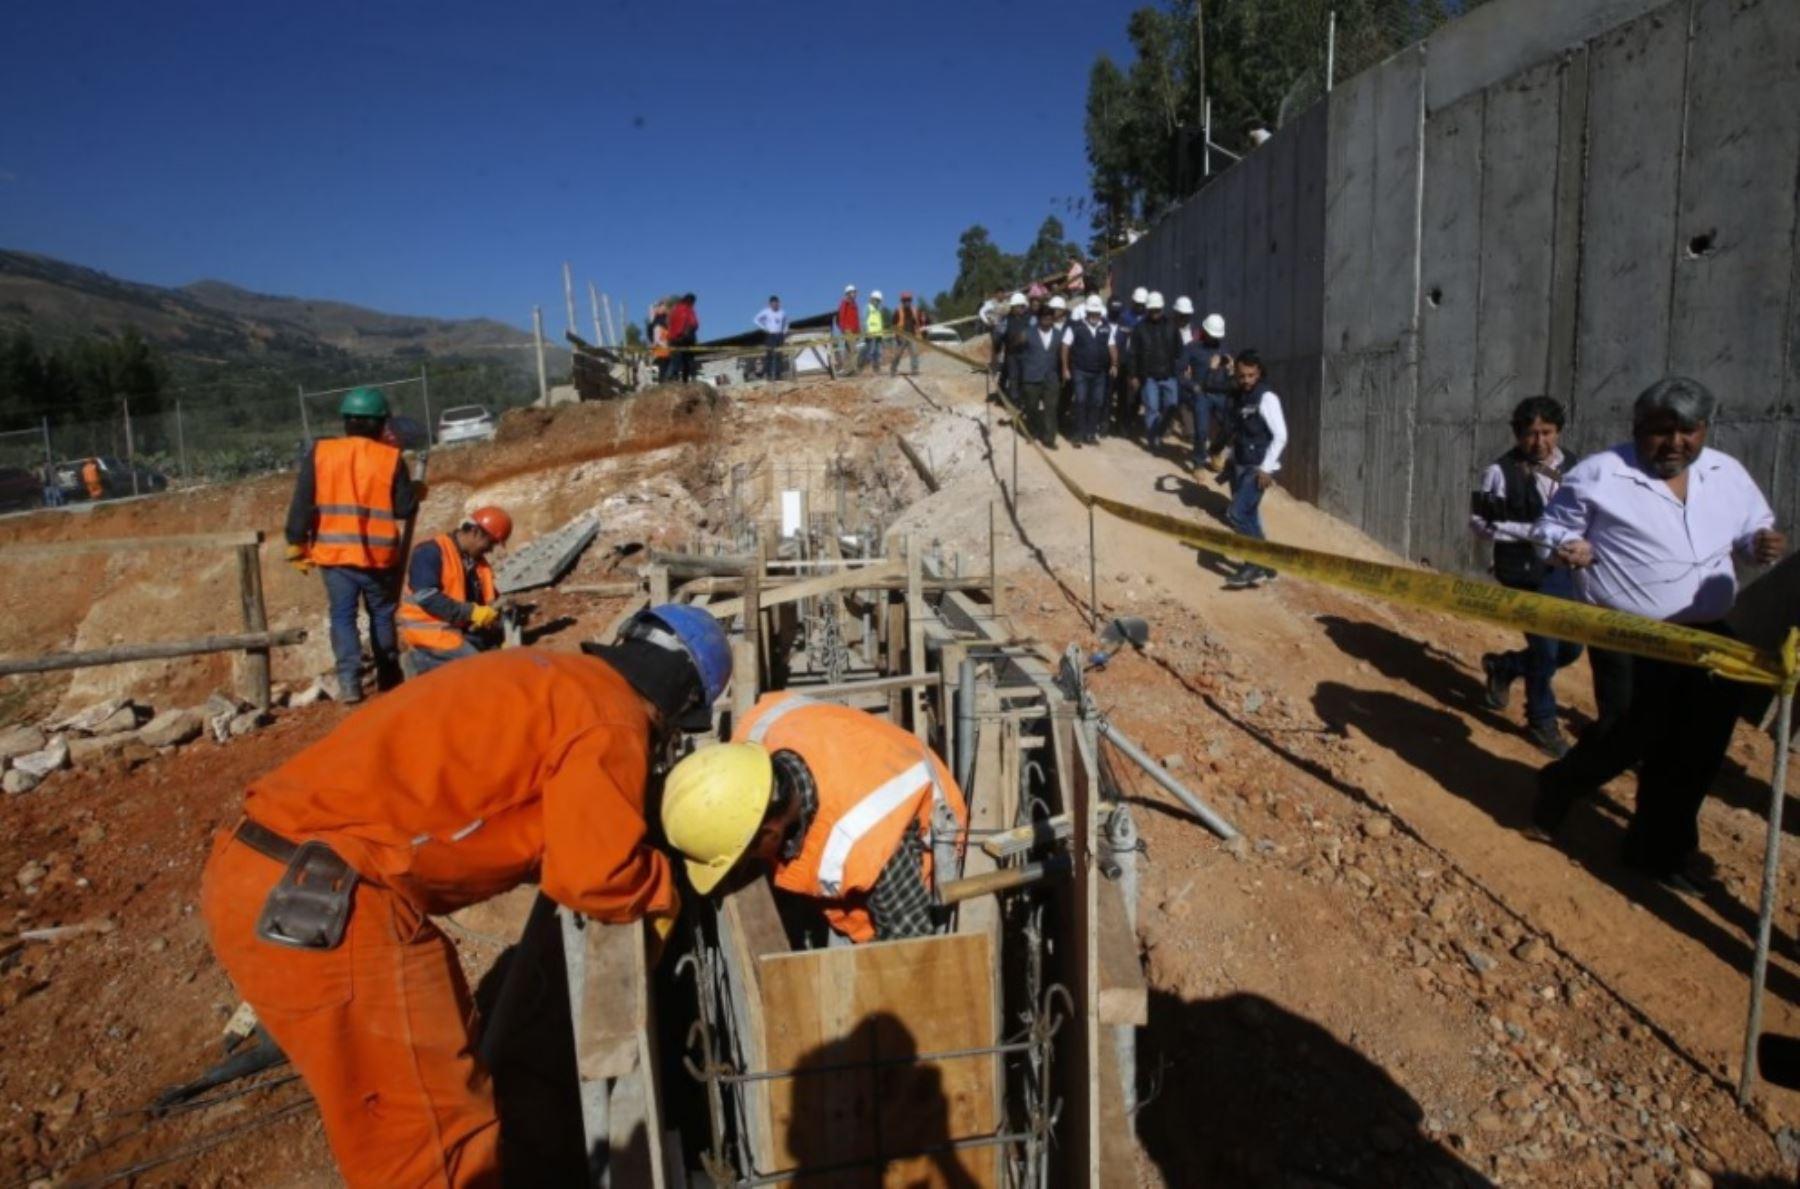 El ministro de Vivienda, Construcción y Saneamiento, Carlos Bruce, anunció hoy que en los próximos años se invertirán 400 millones de soles para elevar de 71% a 98% la cobertura de agua potable y alcantarillado en las zonas rurales de la región Cajamarca.